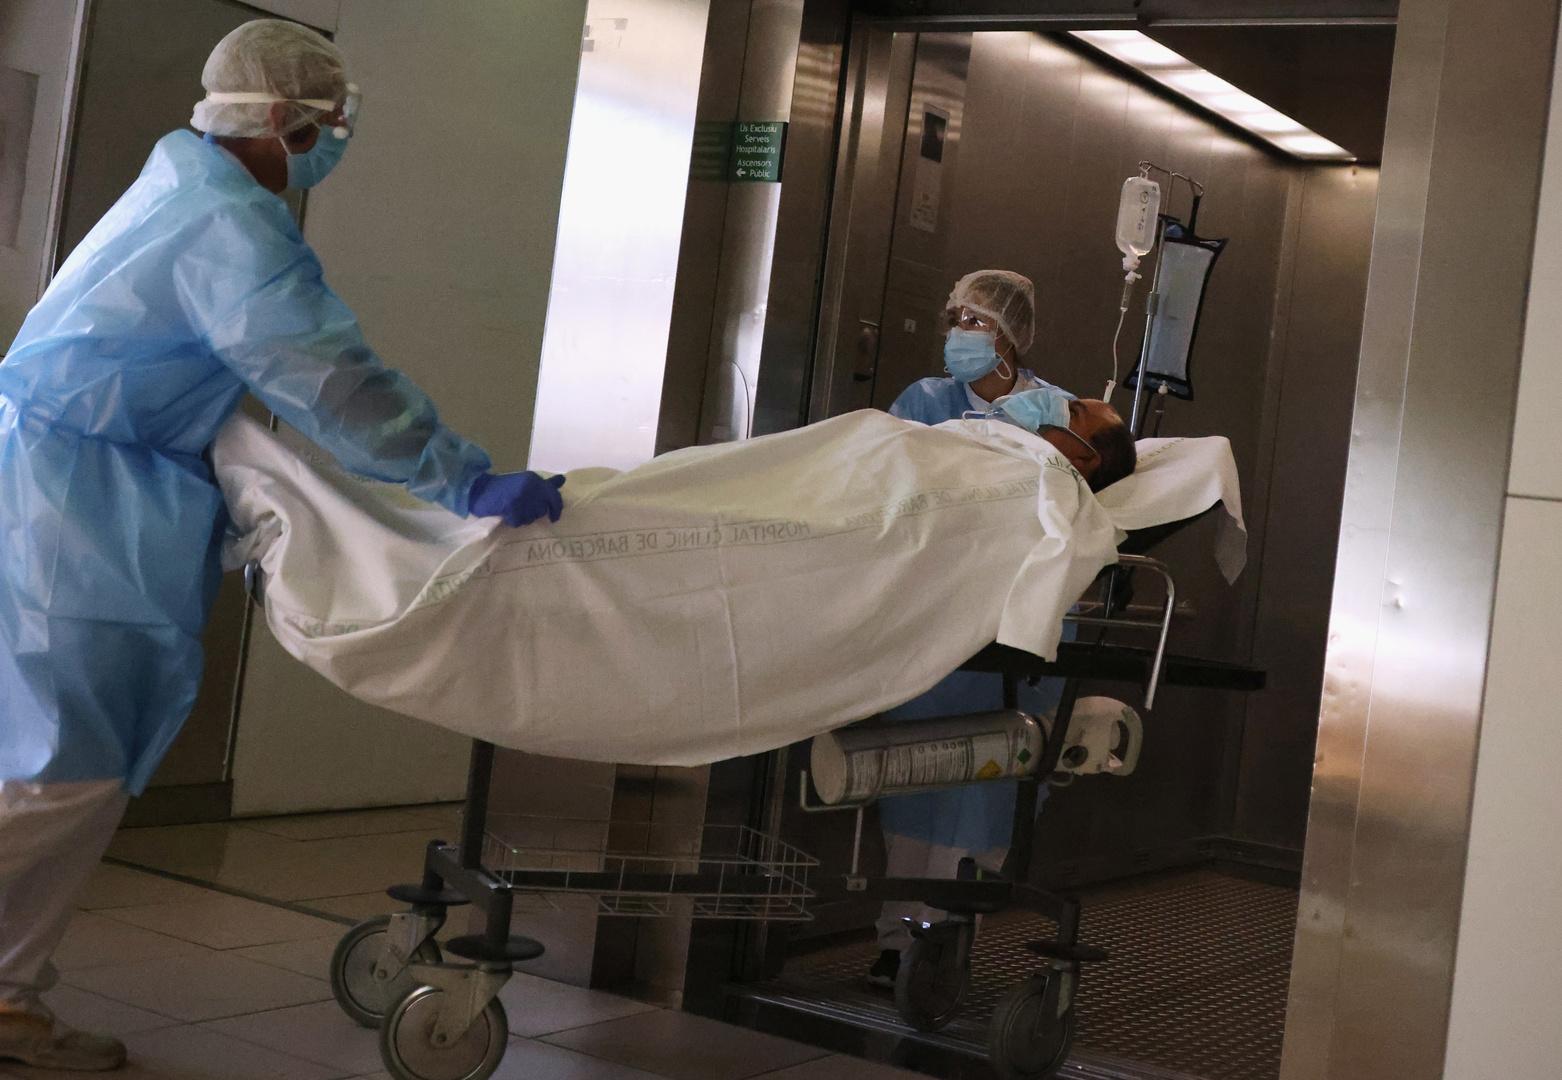 إسبانيا تتجاوز عتبة 3 ملايين إصابة بفيروس كورونا